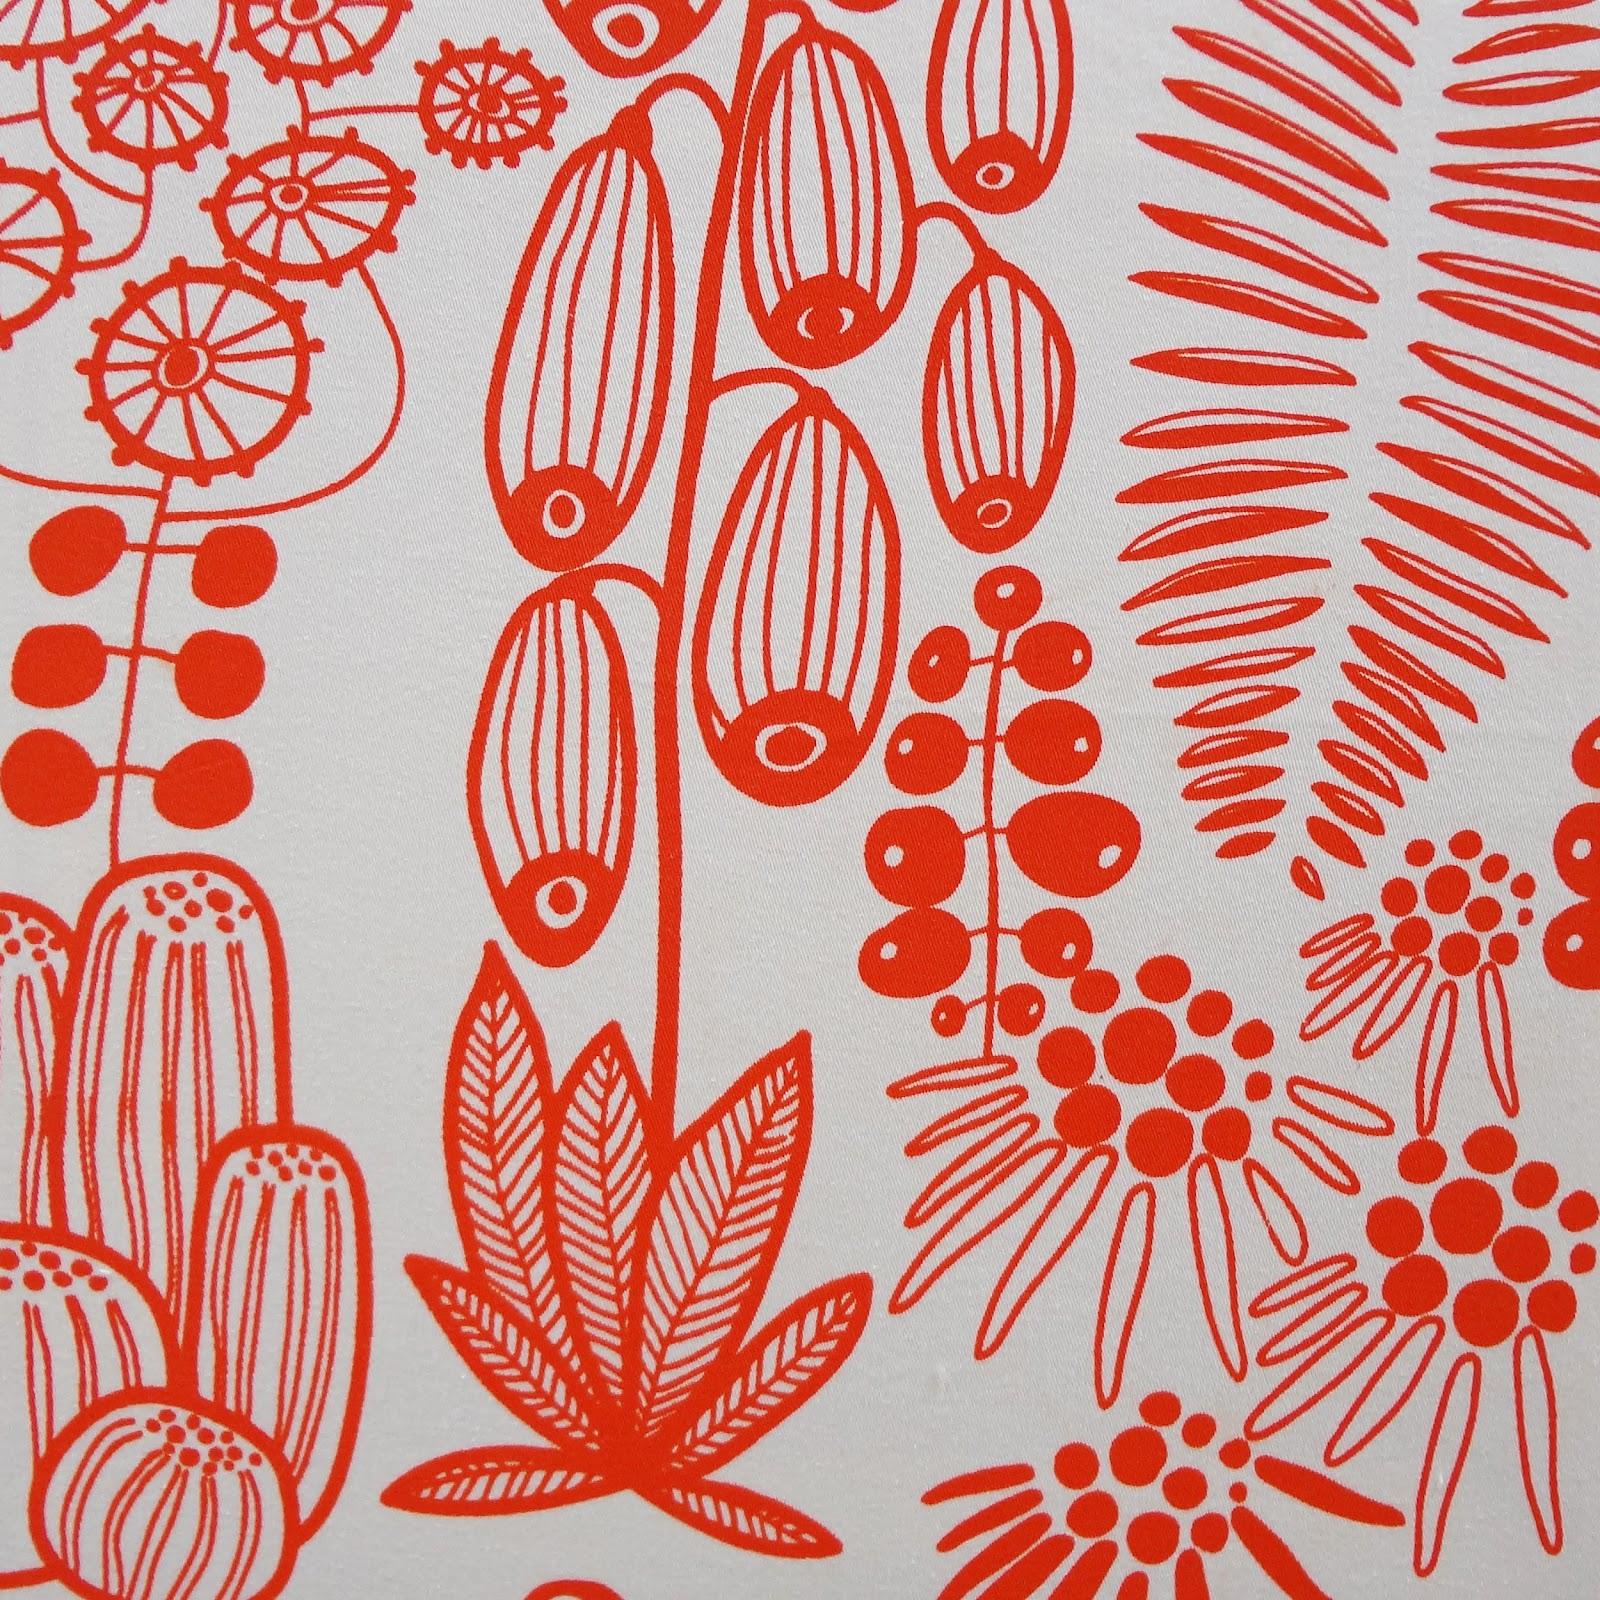 http://3.bp.blogspot.com/-3zFS_8tqY4Y/T7j7CW1XprI/AAAAAAAAAqw/MwoznY7b8Sw/s1600/floralis_tangerine_white.jpg